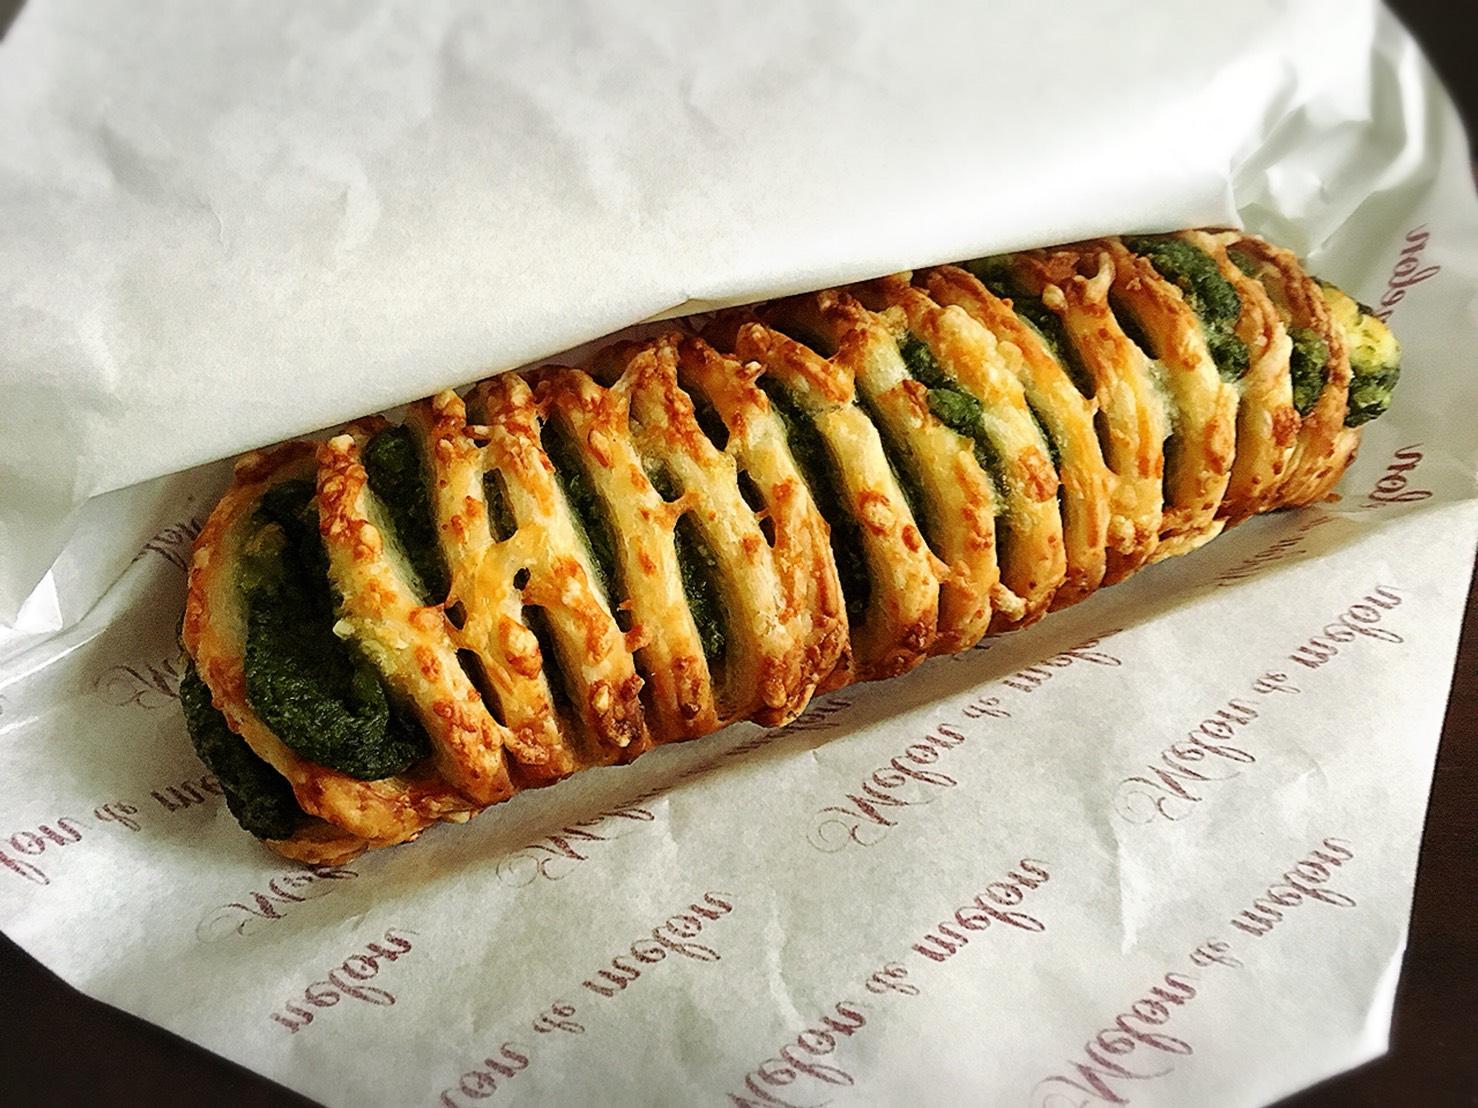 【大塚駅】「メロン・ドゥ・メロン」カリカリふわふわメロンパンのほうれん草チーズパイ